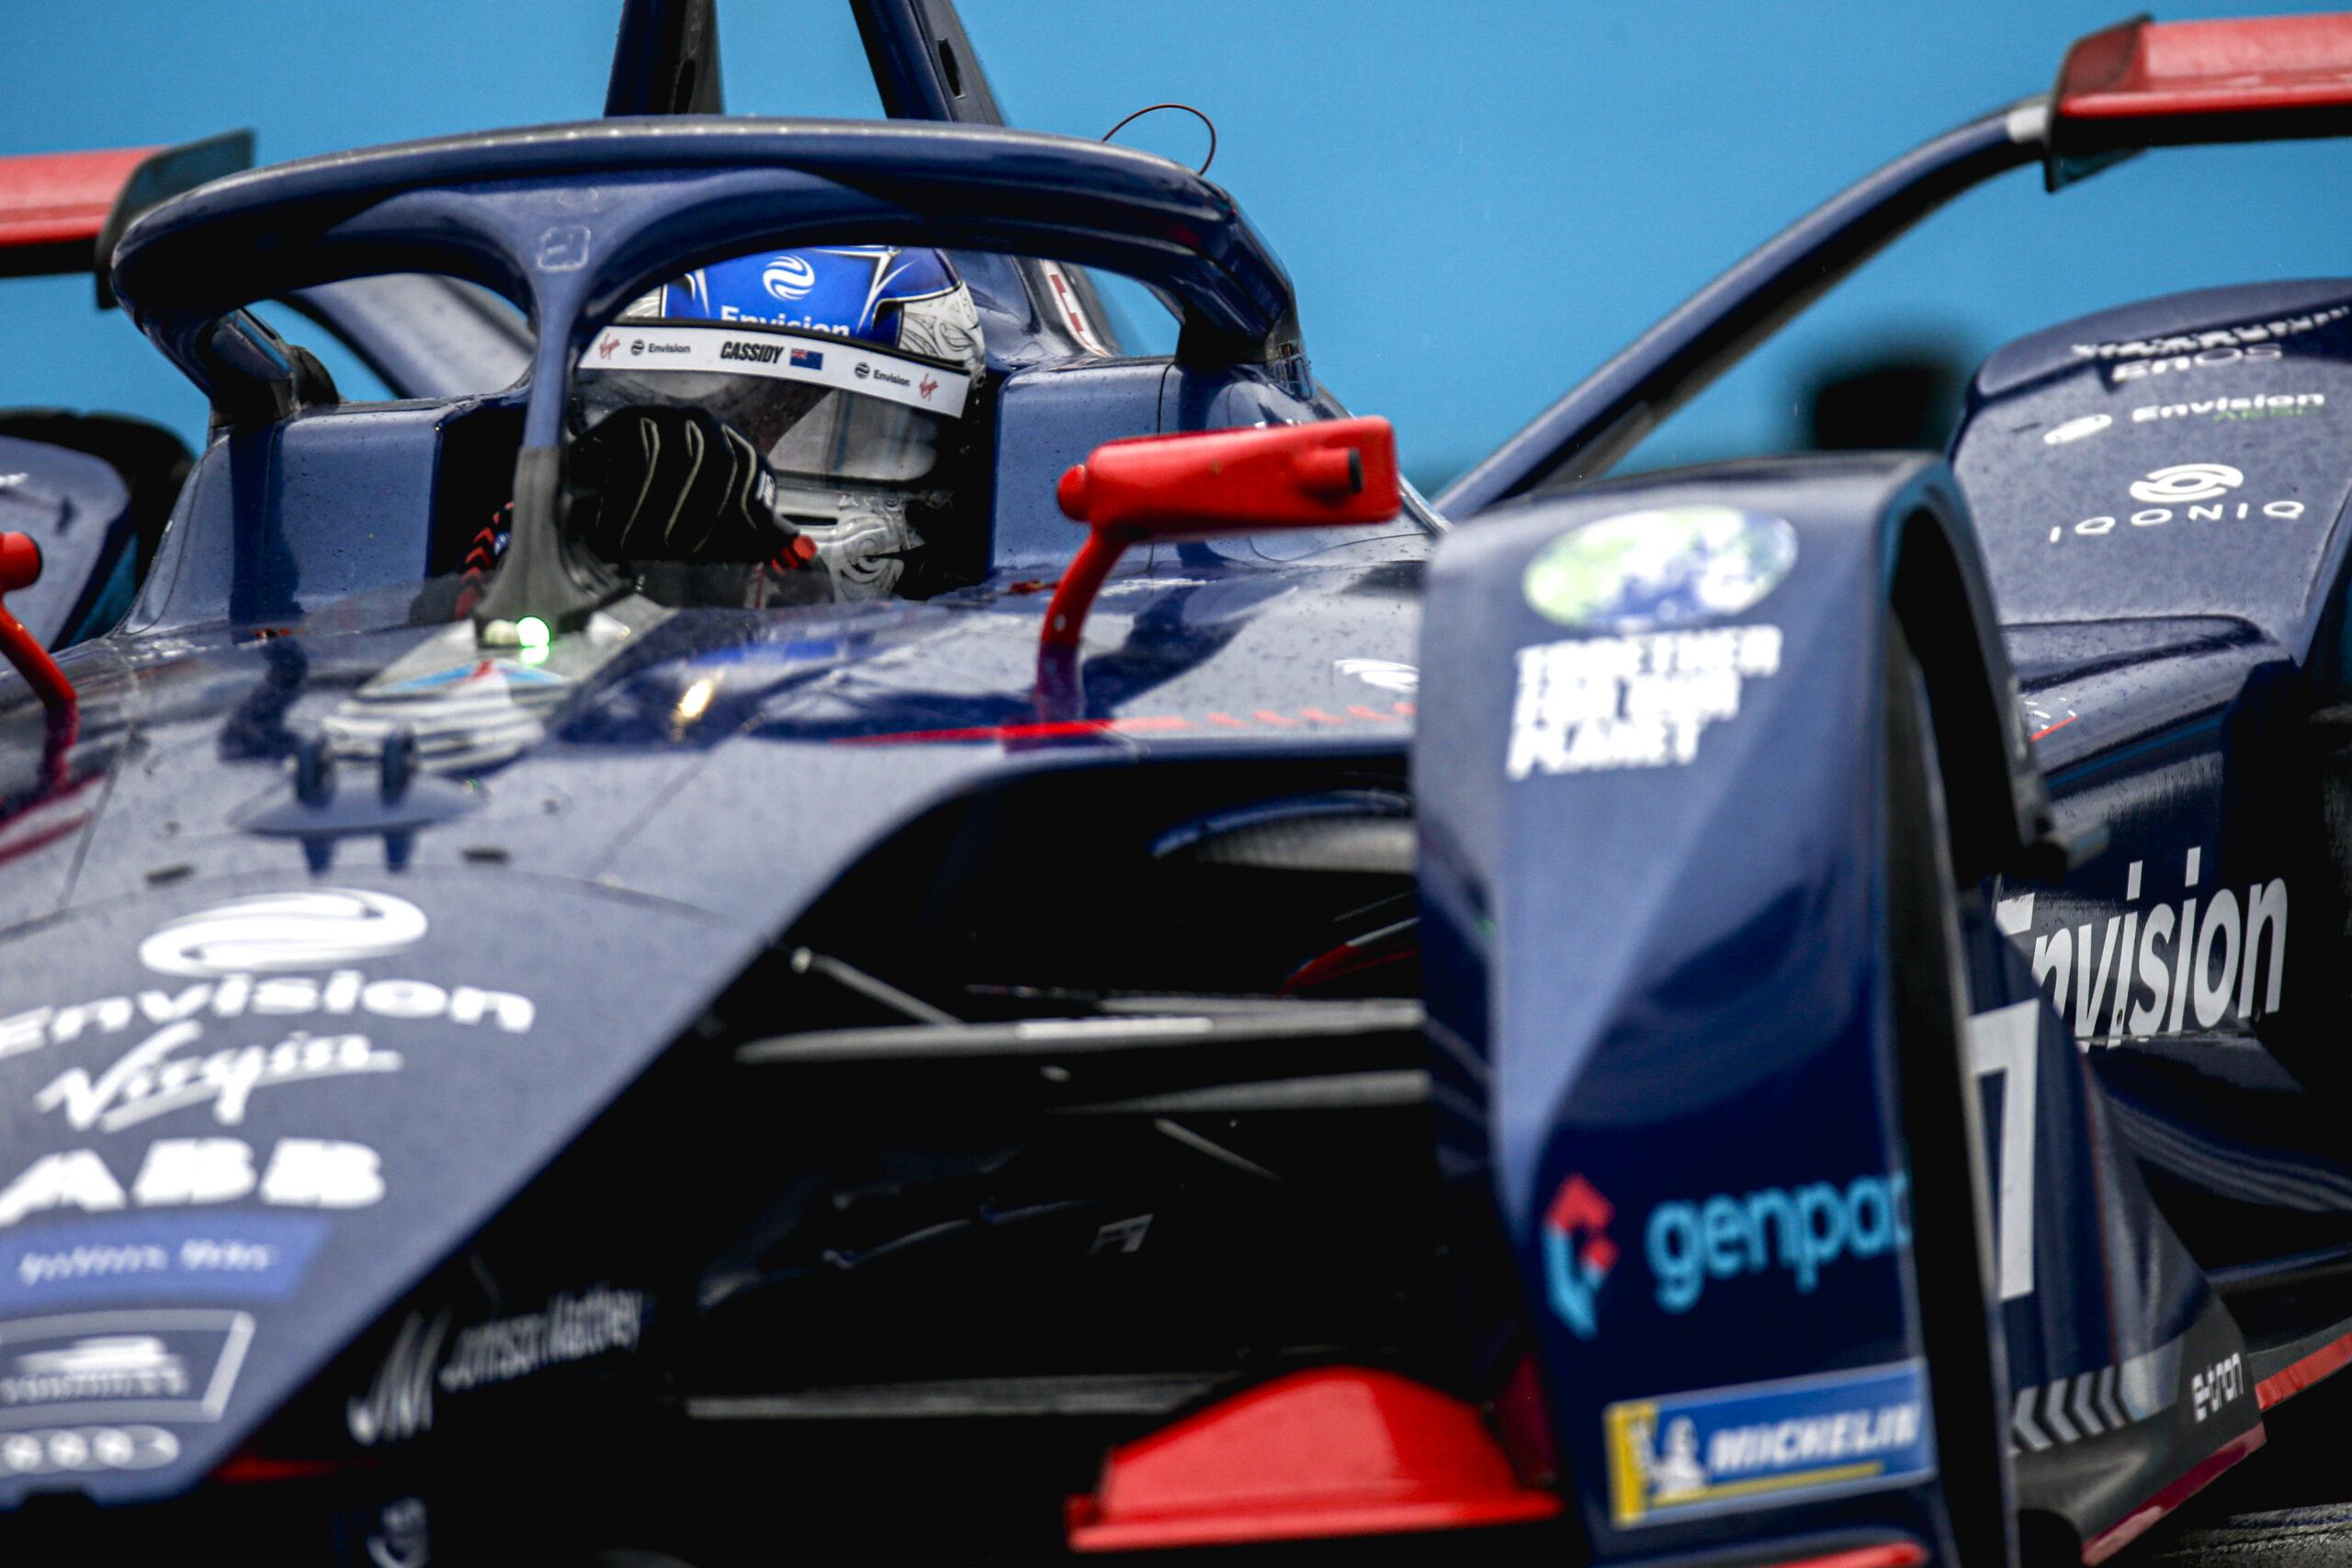 Qualifiche E-Prix di Roma (Round 4) di Formula E: Super Pole di Nick Cassidy con la sua Envision Virgin Racing.